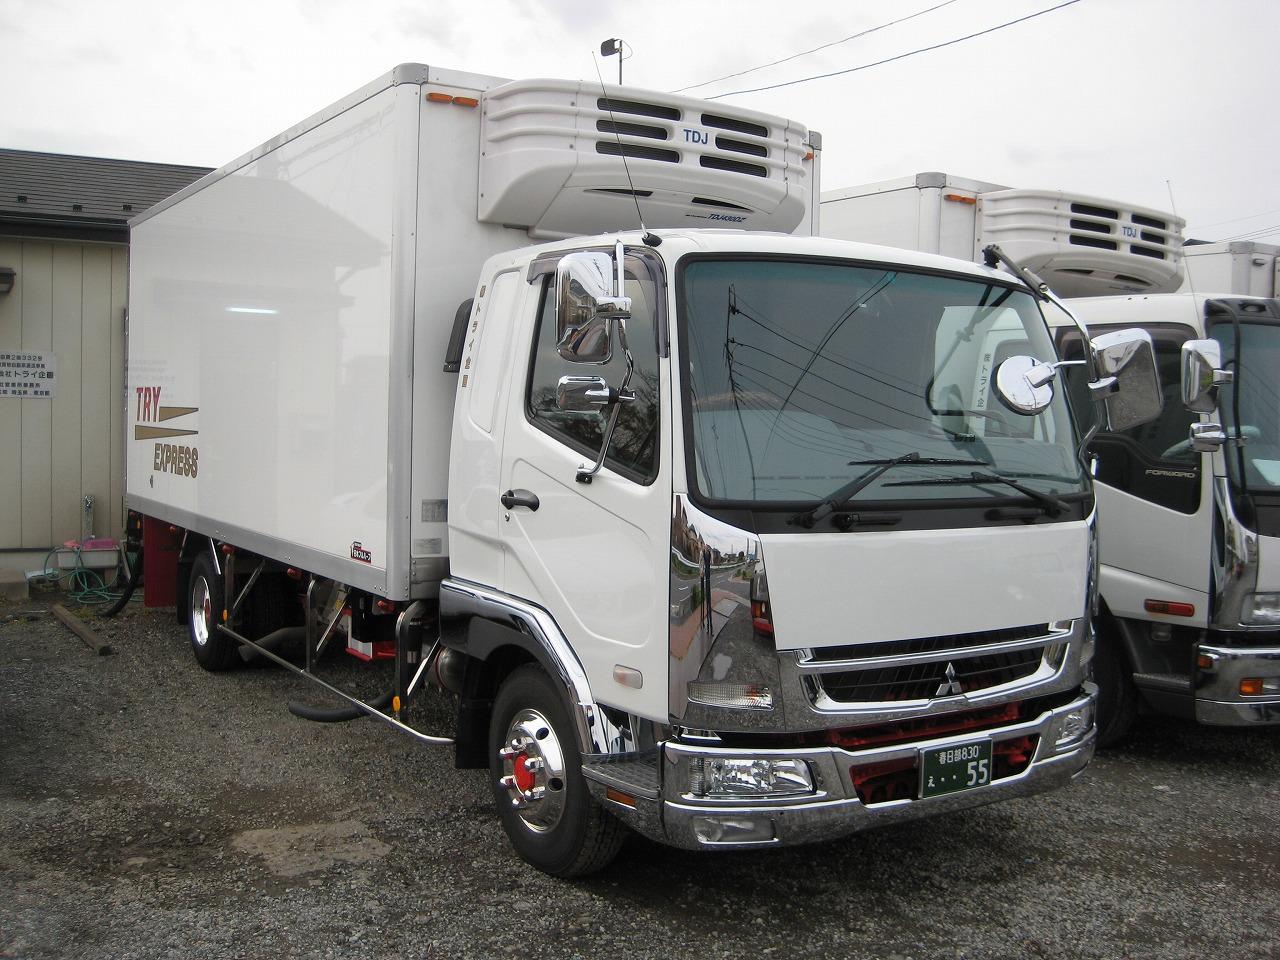 株式会社 トライ企画(埼玉県草加市)運送業